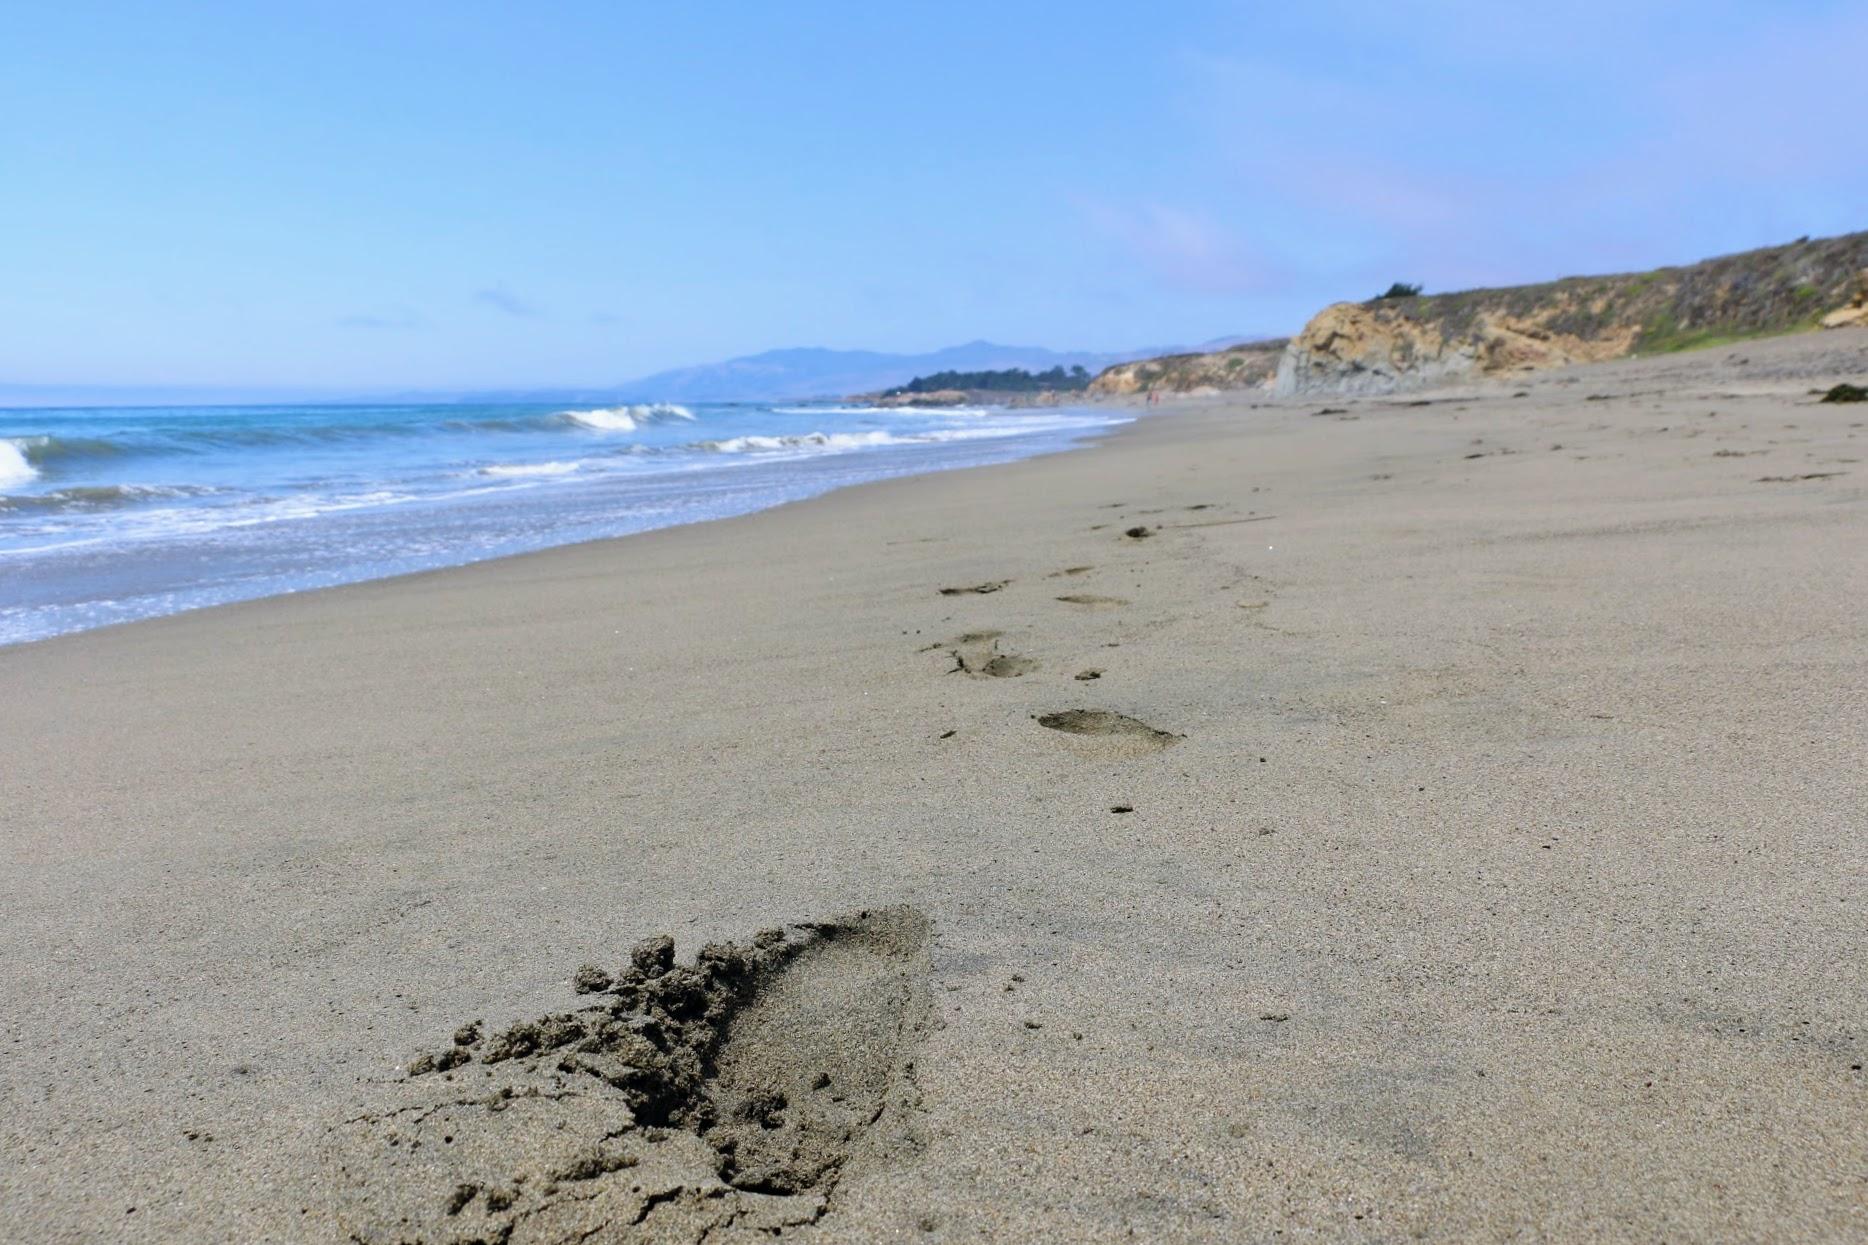 Voetafdrukken in het zand strand van Moonstone Beach